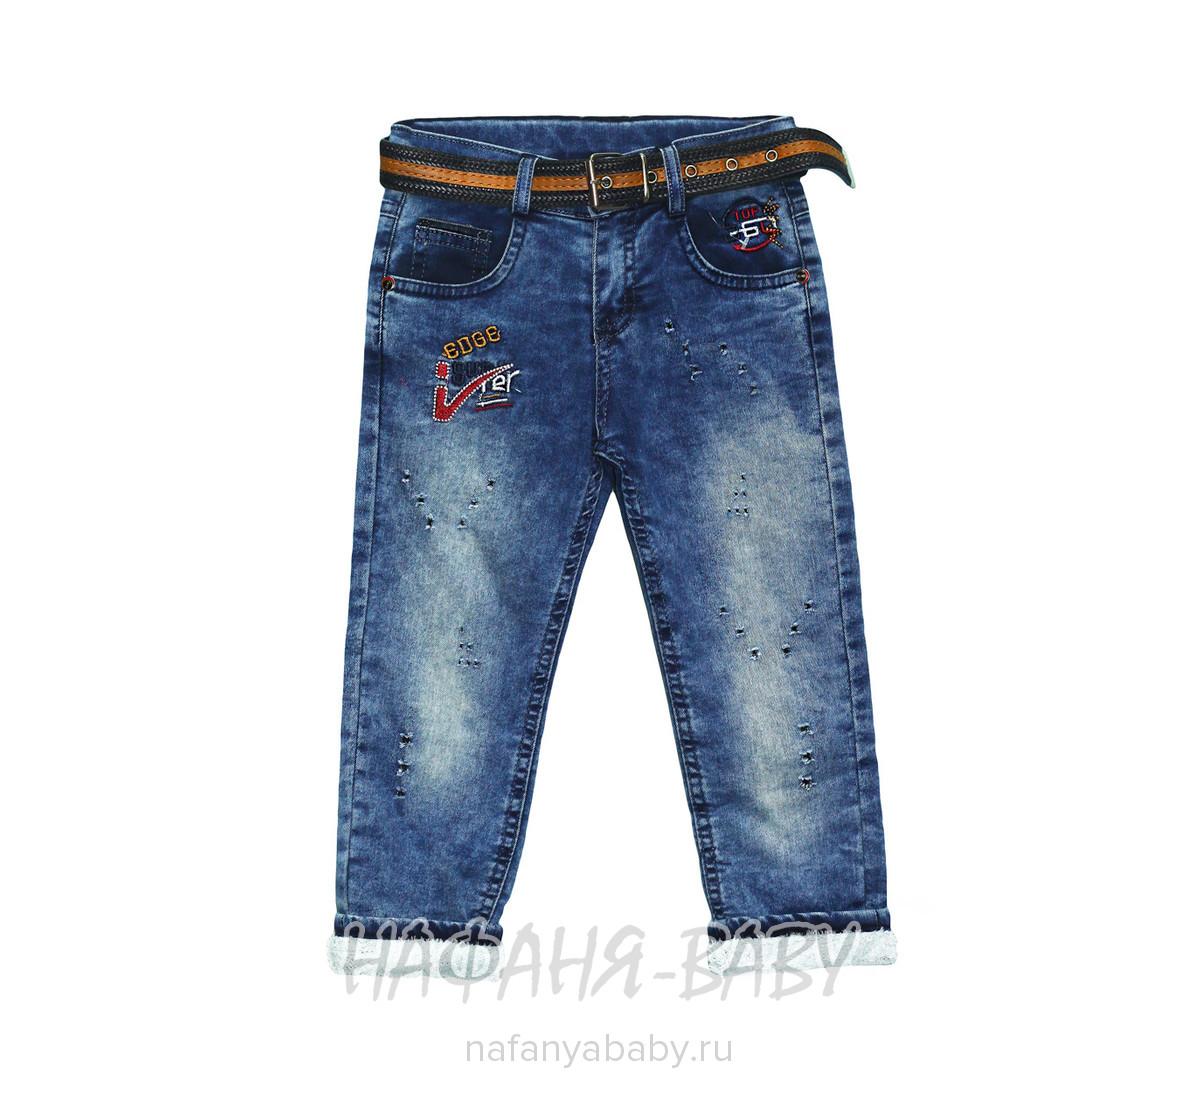 Детские джинсы HIWRO арт: 116, 1-4 года, 5-9 лет, цвет синий, оптом Турция